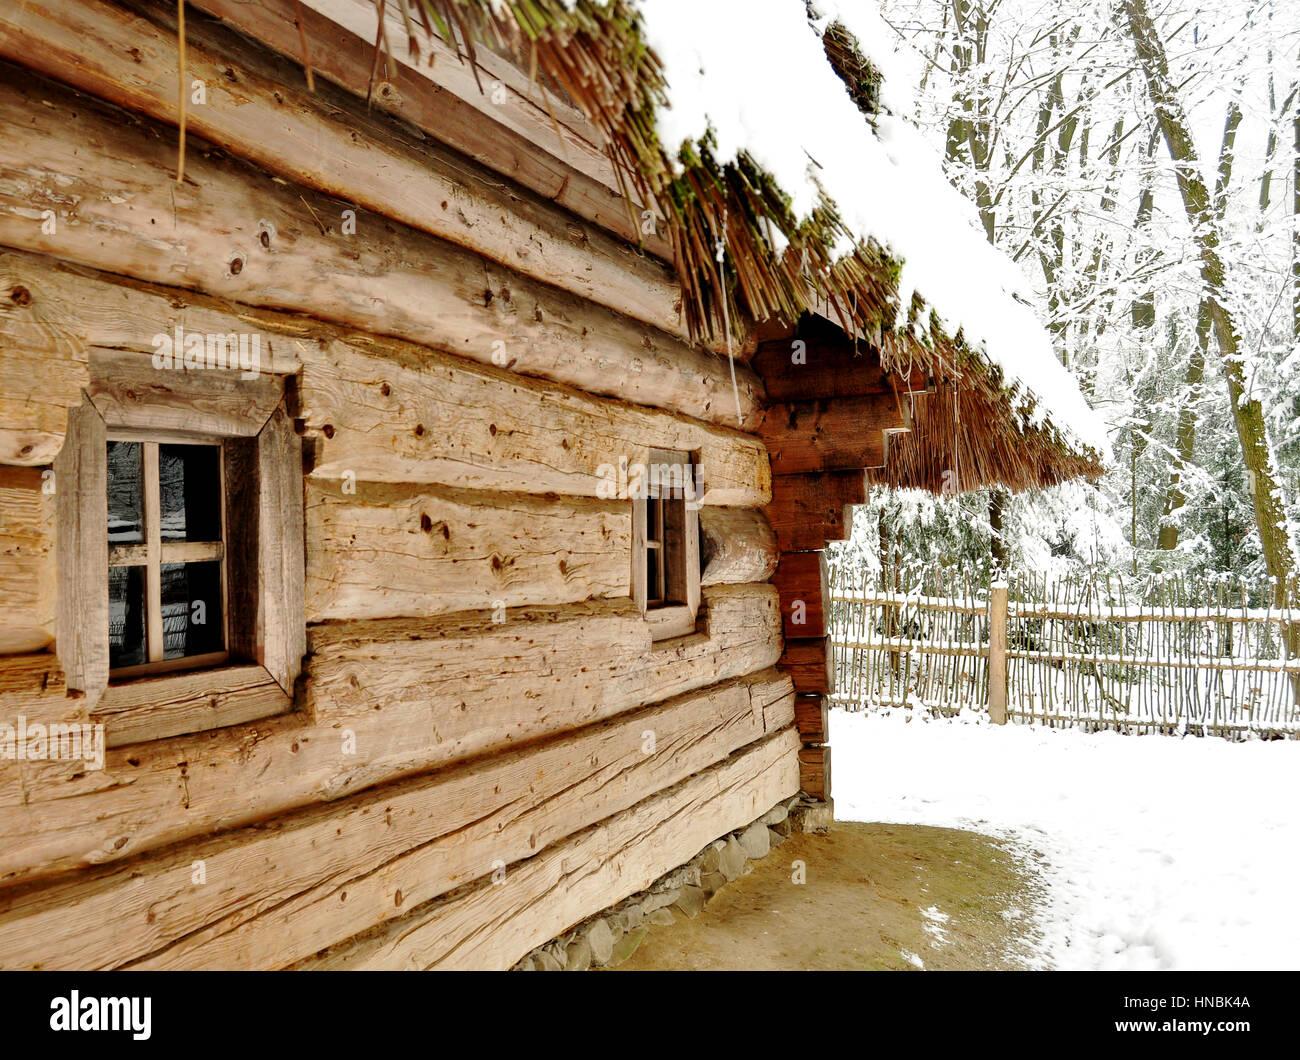 Una parete con piccole finestre di un vecchio villaggio di legno hut ...